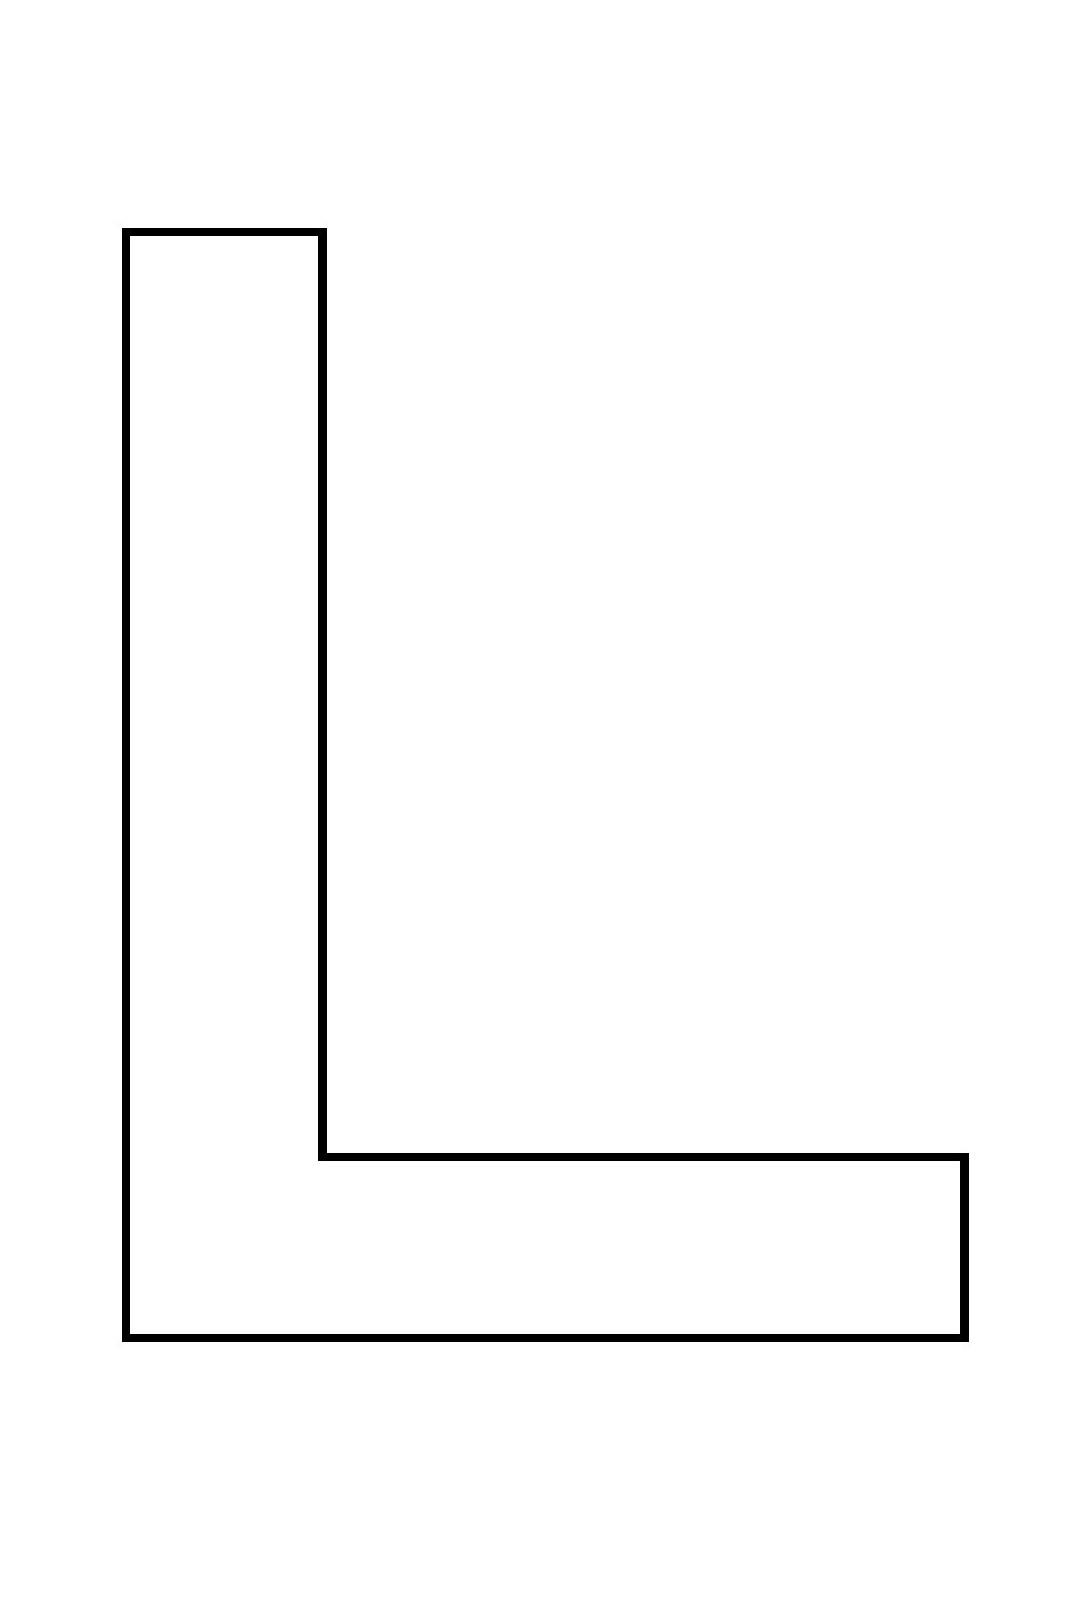 Imprimer Le Coloriage Chiffres Et Formes Alphabet Lettre L concernant Coloriage D Alphabet